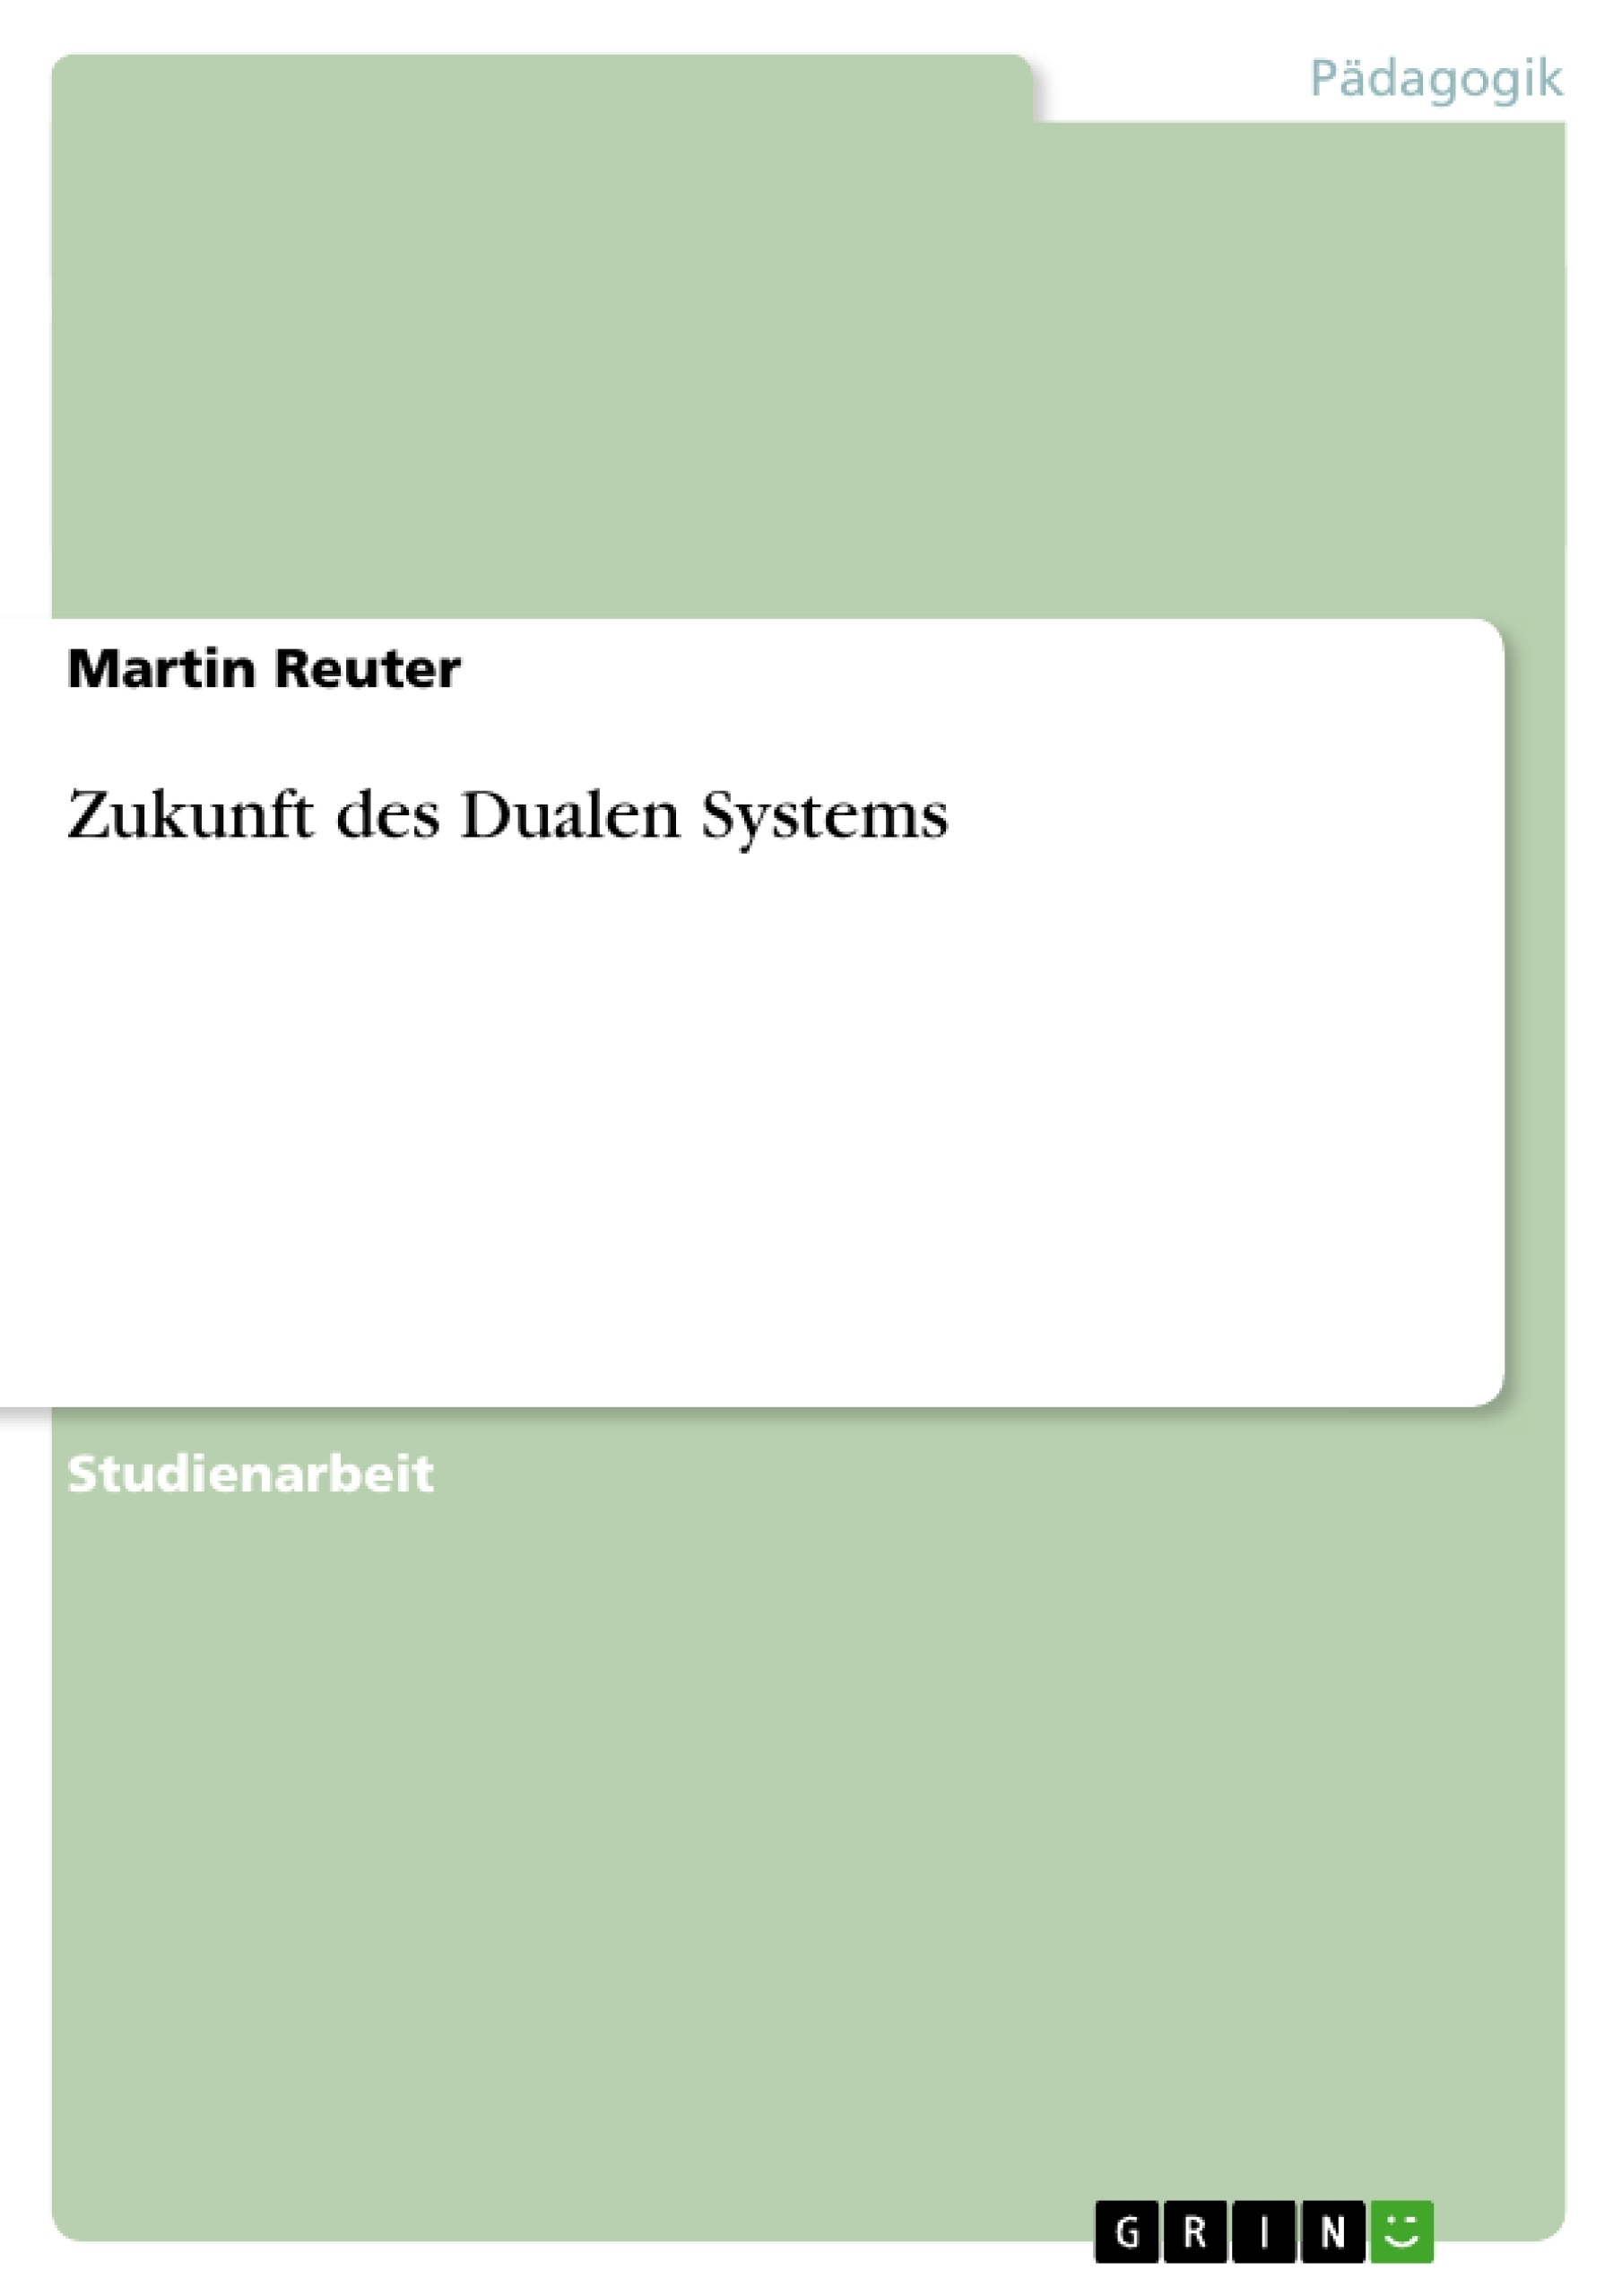 Titel: Zukunft des Dualen Systems